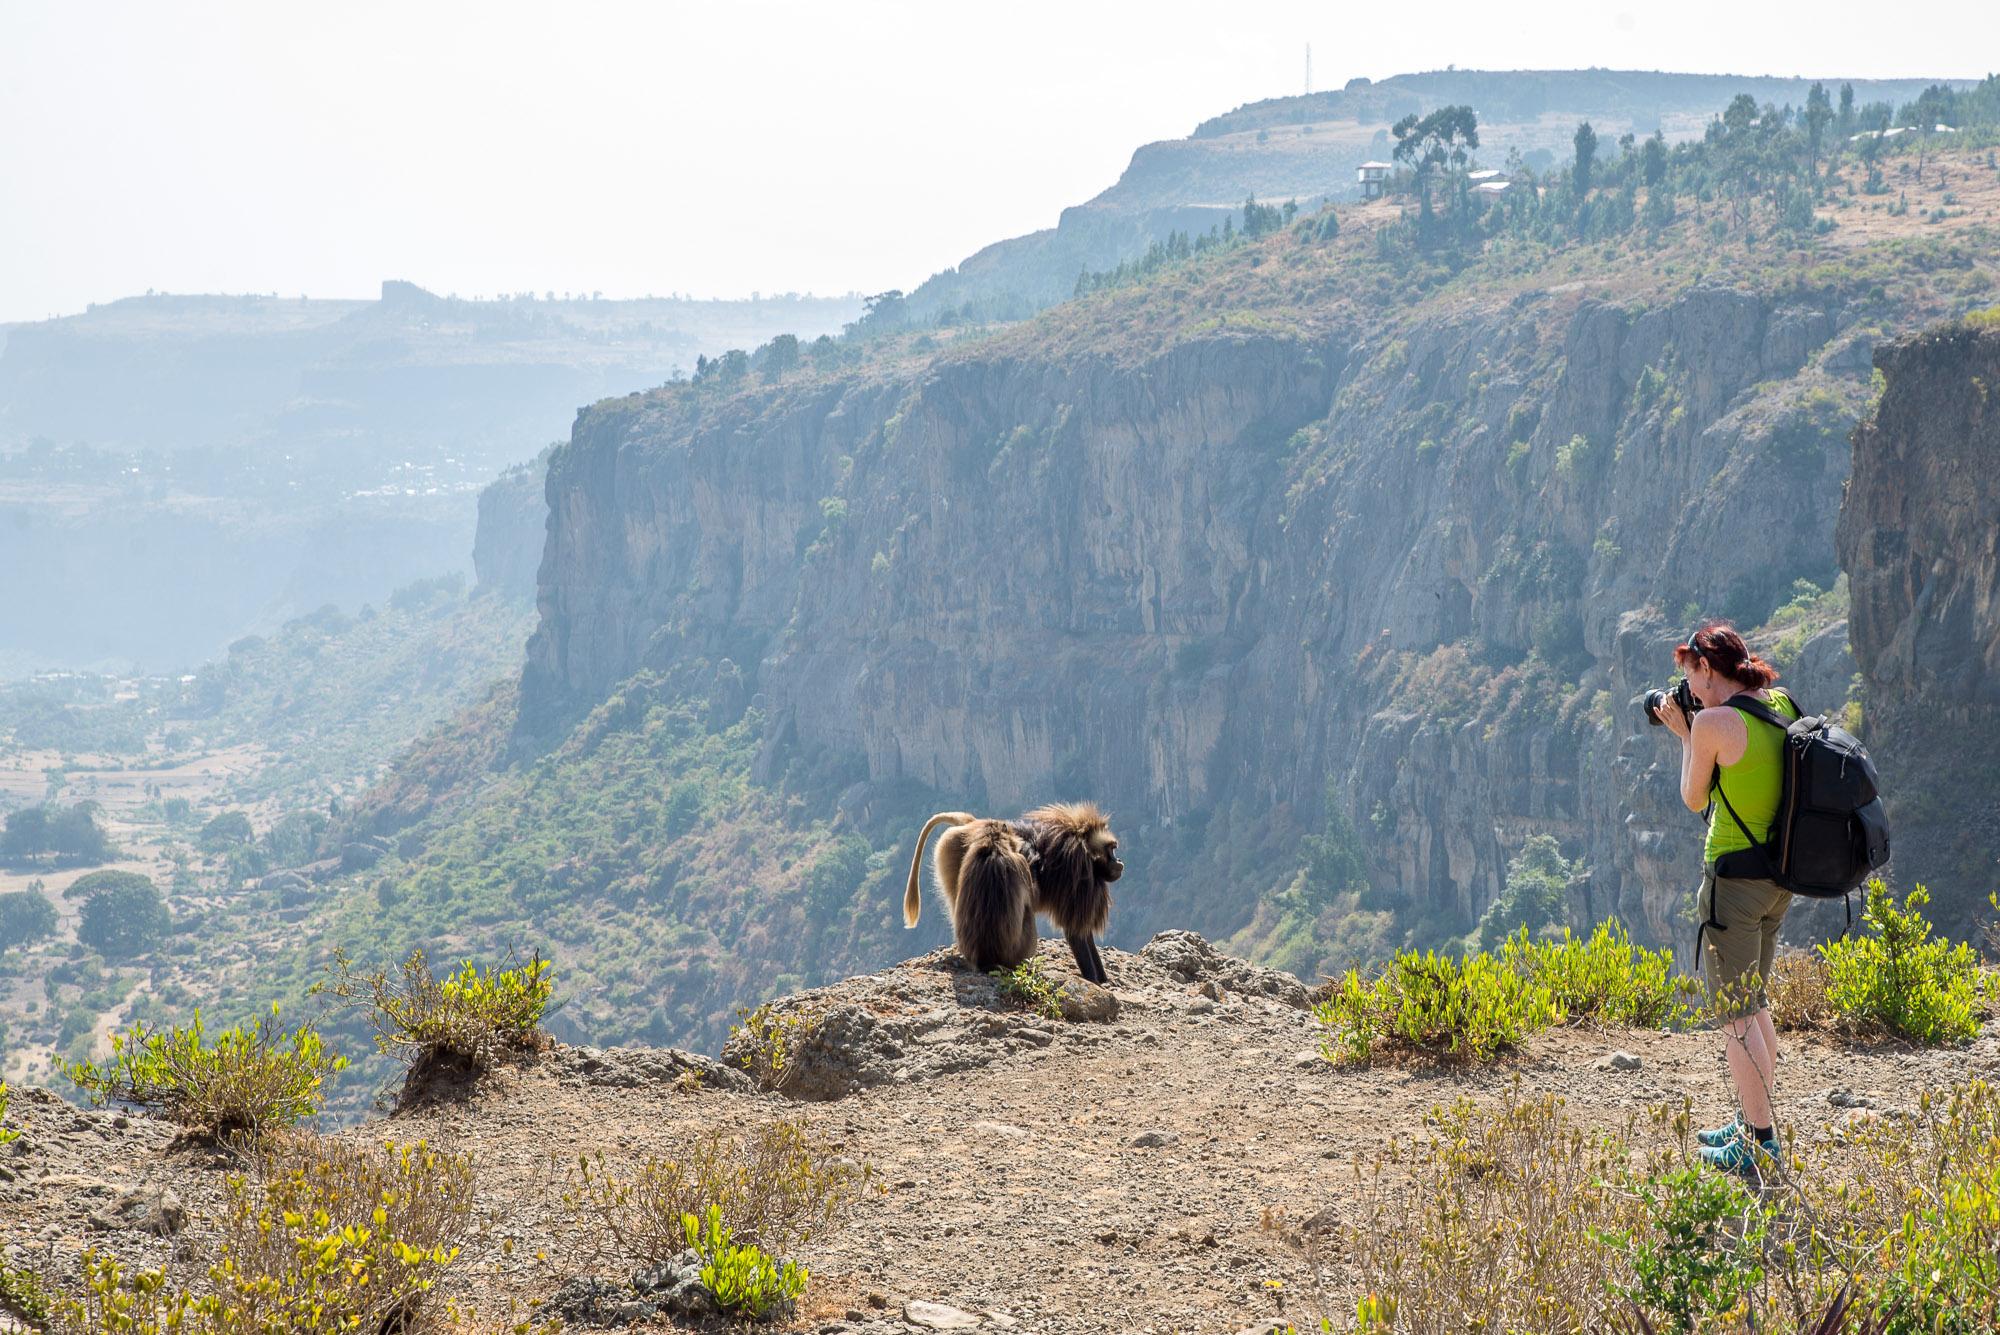 viaggio fotografico con Catherina Unger in etiopia